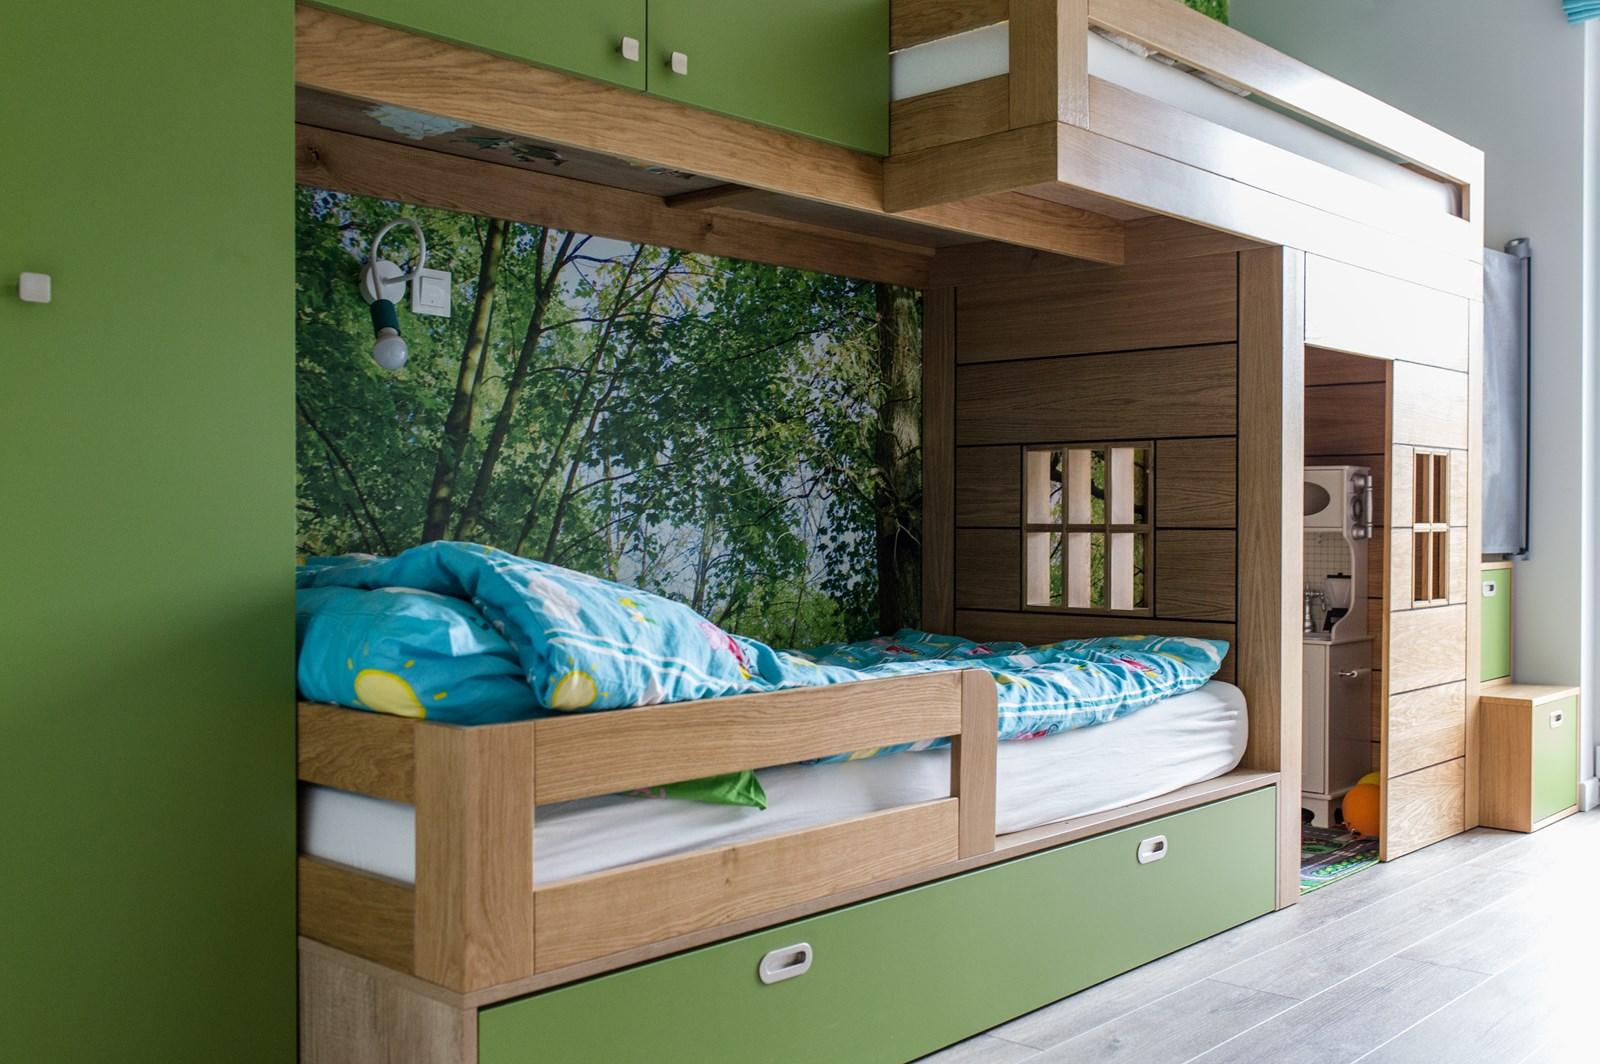 leśny pokój dla dzieci